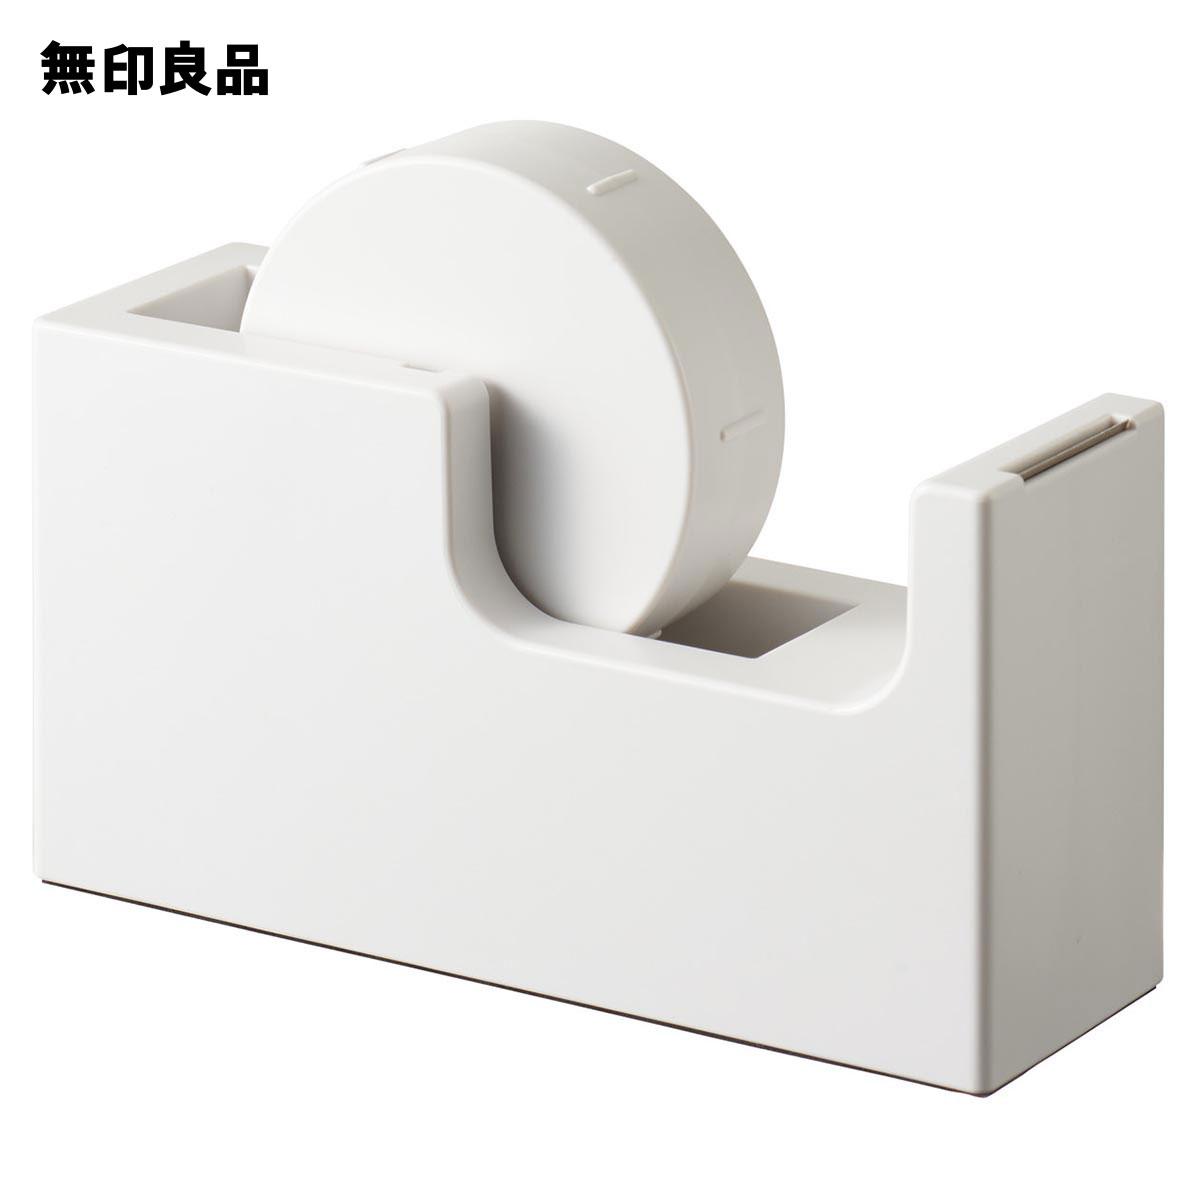 【無印良品 公式】ABS樹脂 テープディスペンサー W15.5×L5×H8.5cm